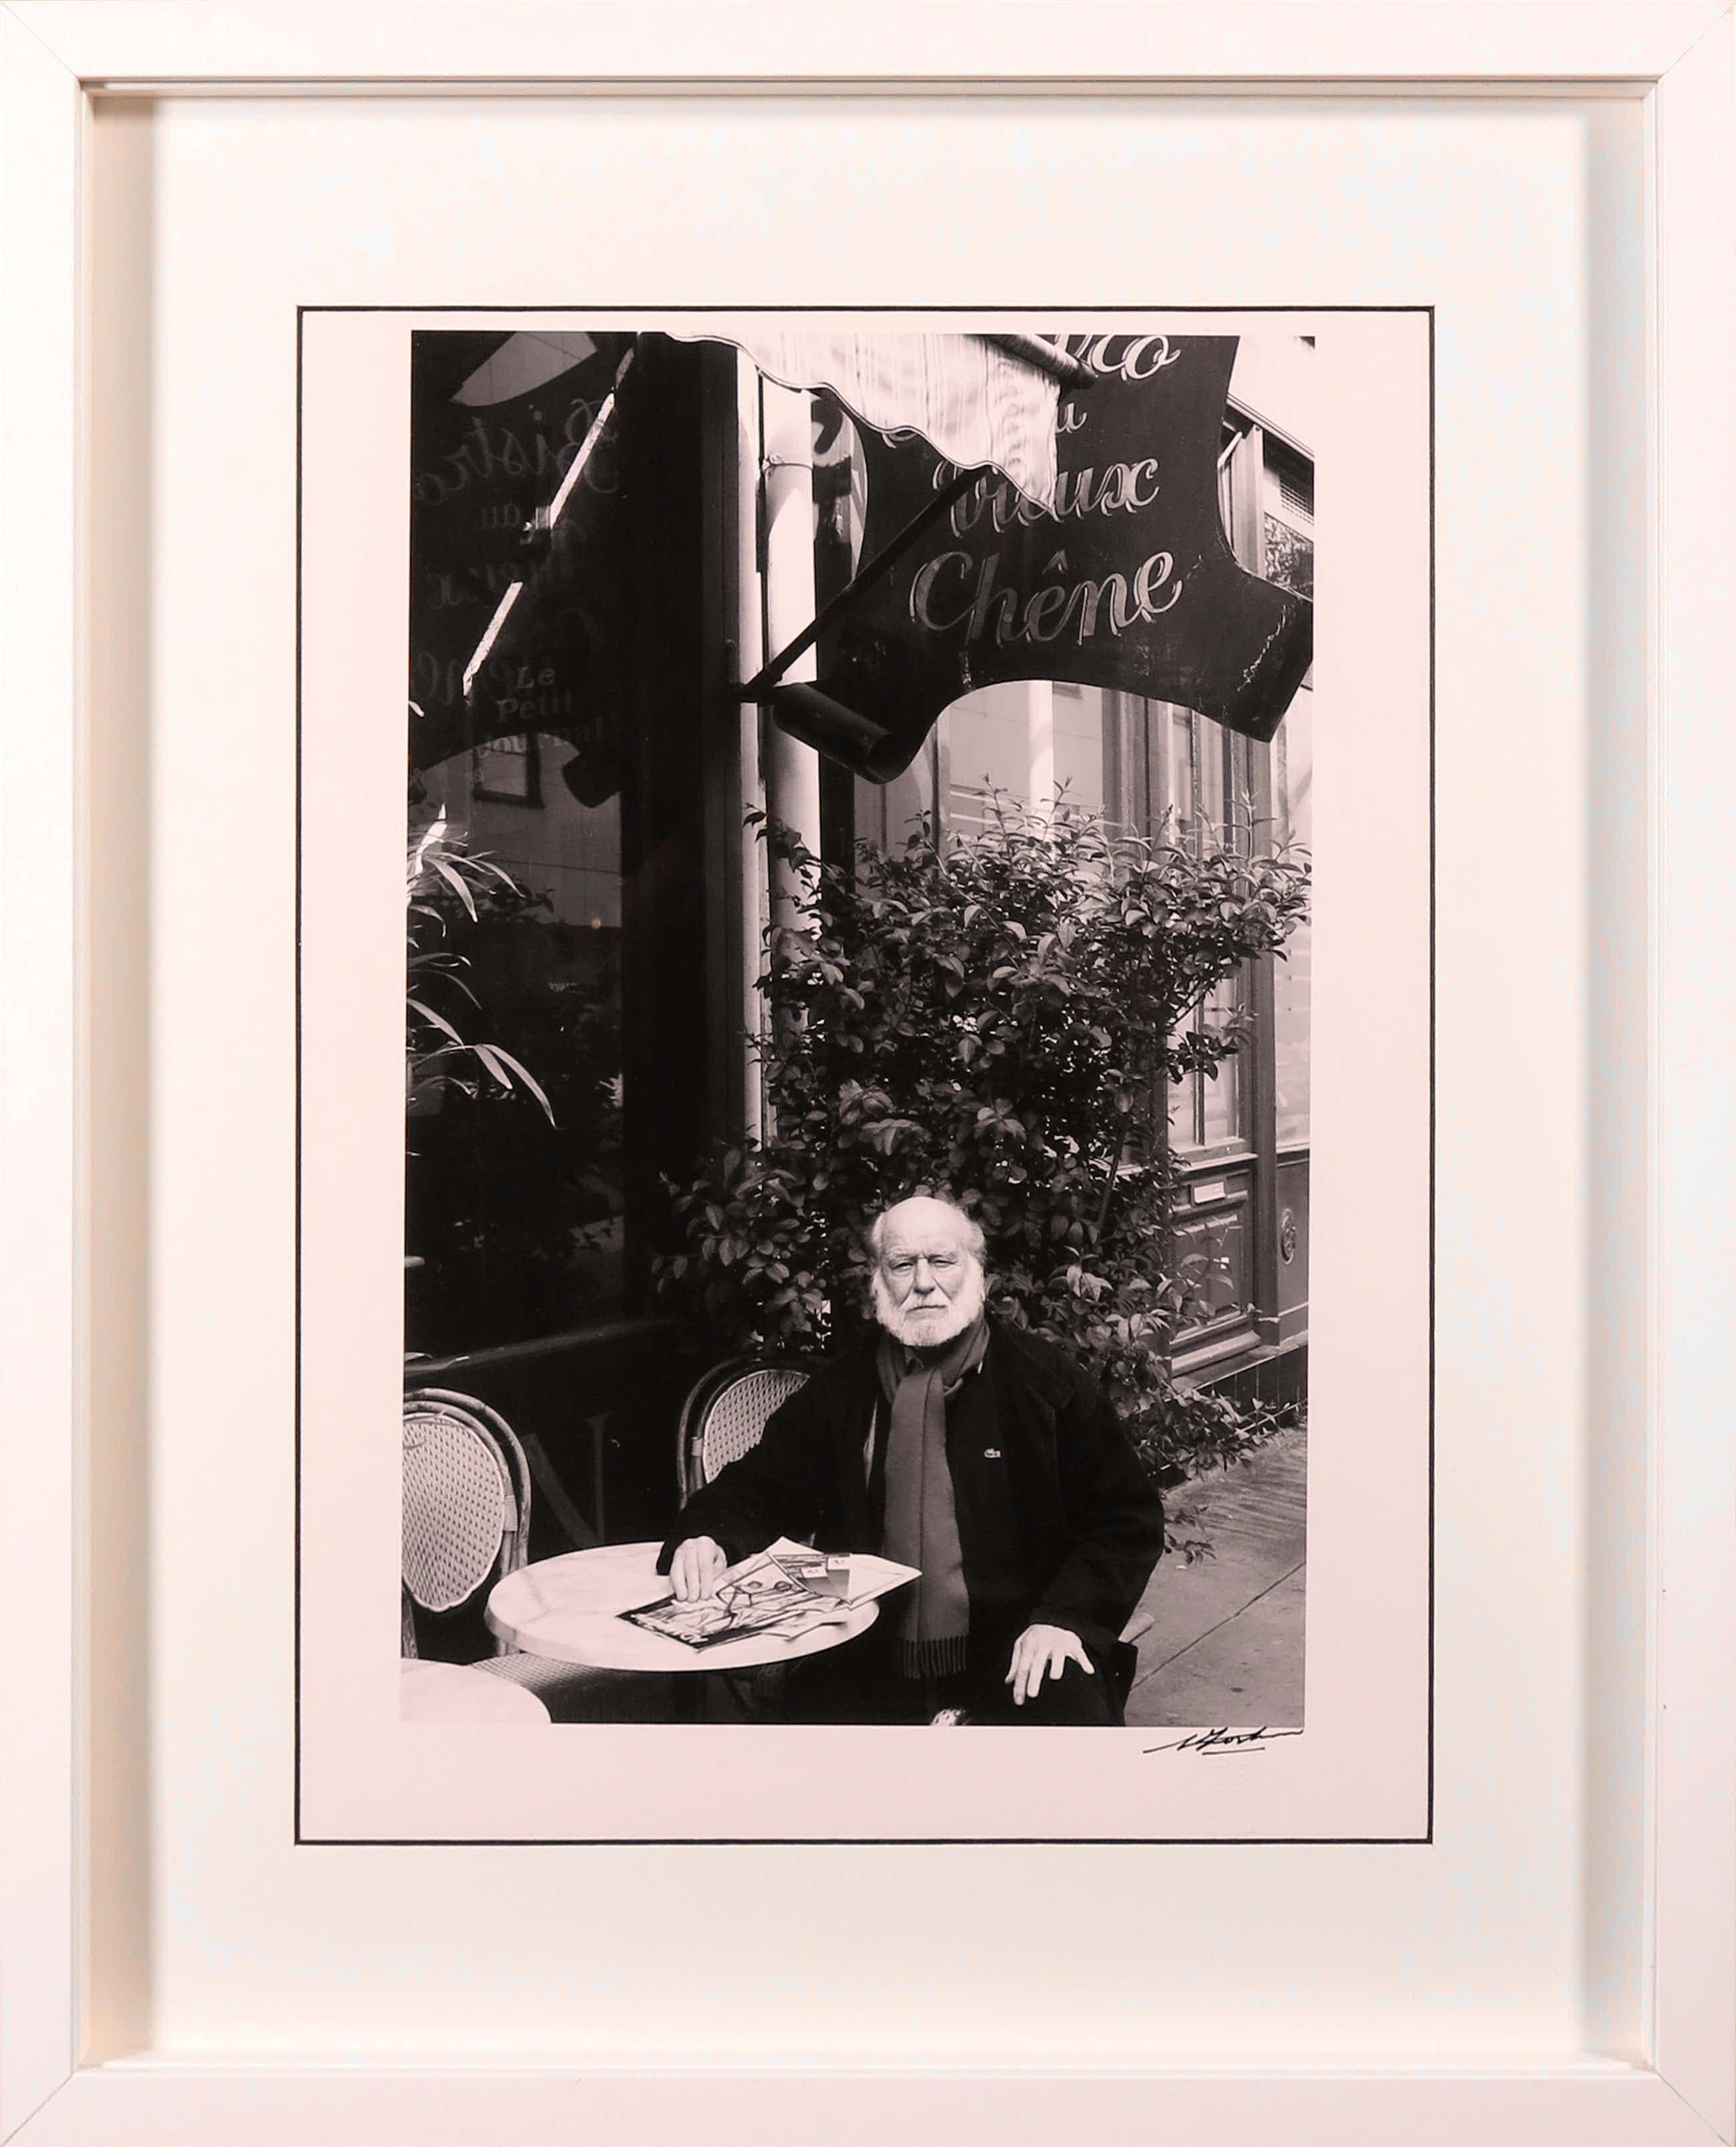 Nico Koster - Foto, Portret van Corneille in Frankrijk - Ingelijst kopen? Bied vanaf 36!